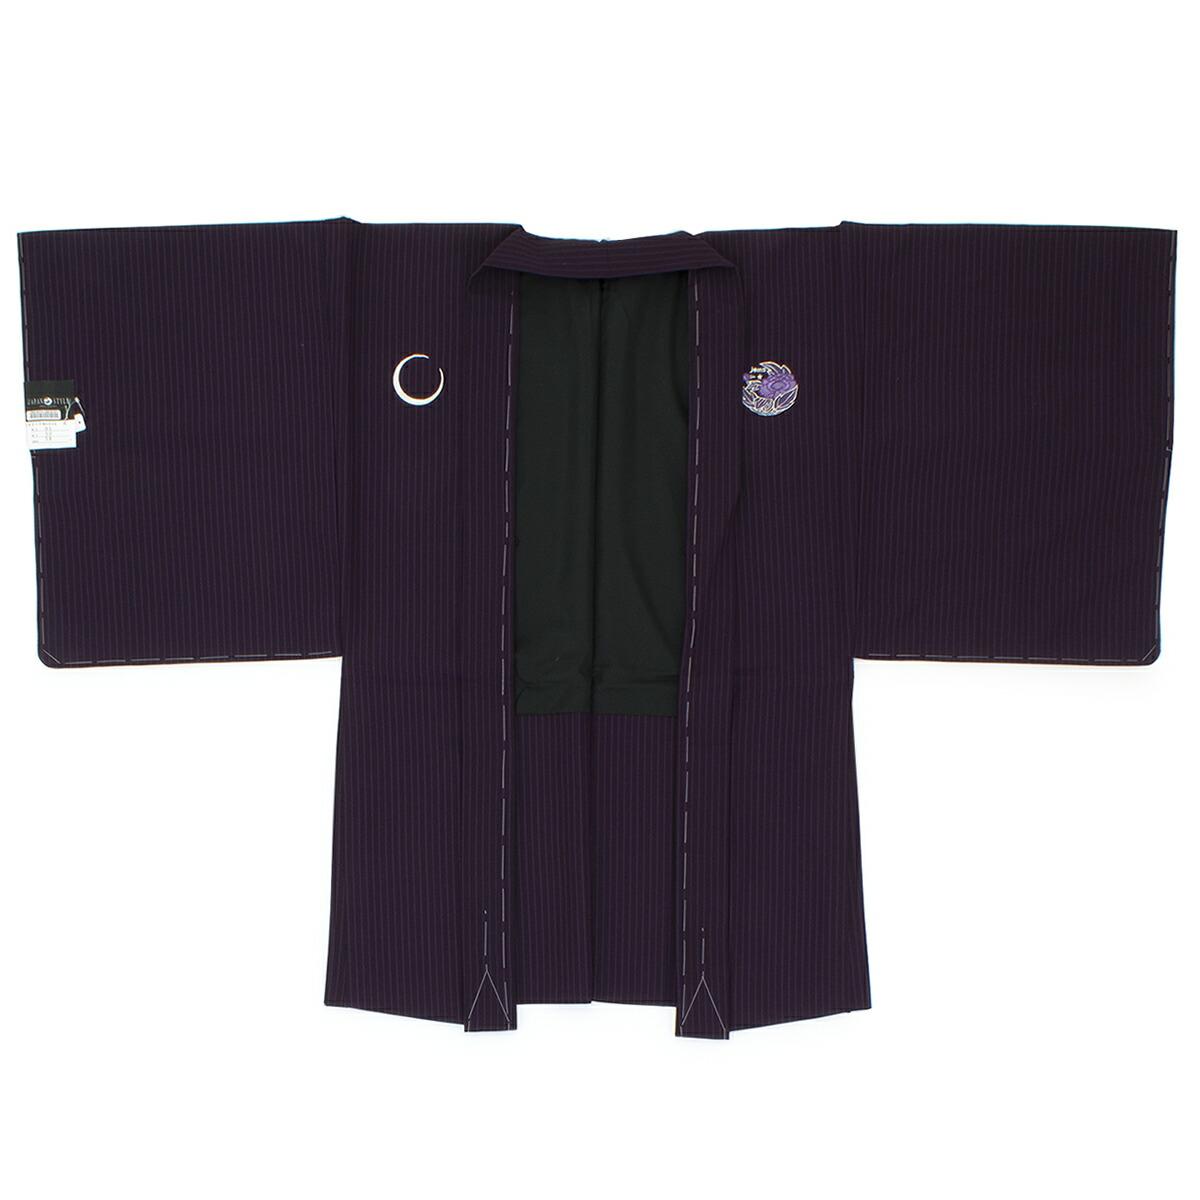 人気ブランドジャパンスタイルの袴セットの風合い